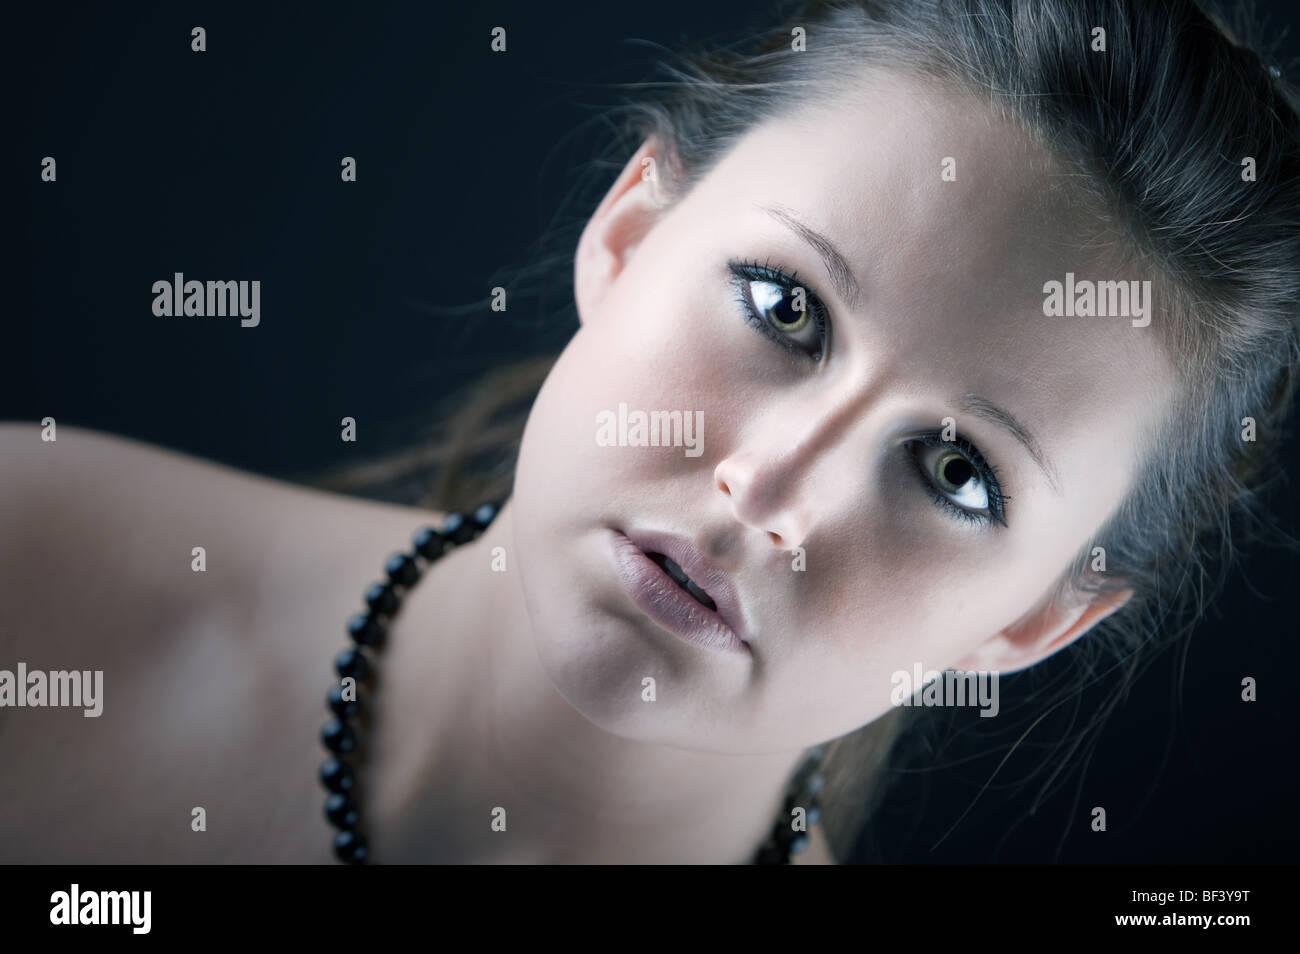 Markanten Porträt eines hübschen Teenagers. Geringe Schärfentiefe Stockbild